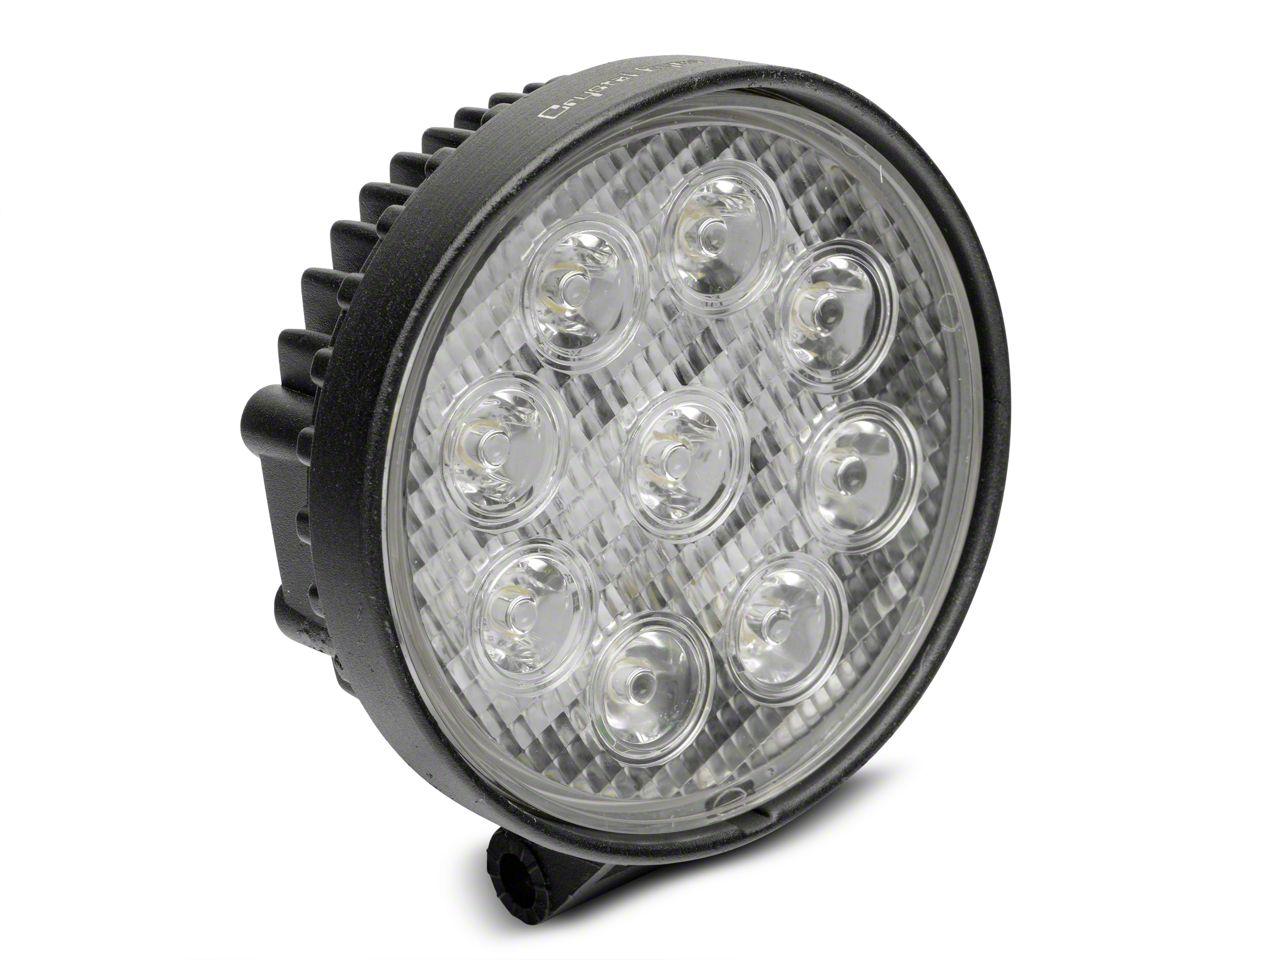 Alteon 4 in. Work Visor 9 LED Round Light - 30 Degree Flood Beam